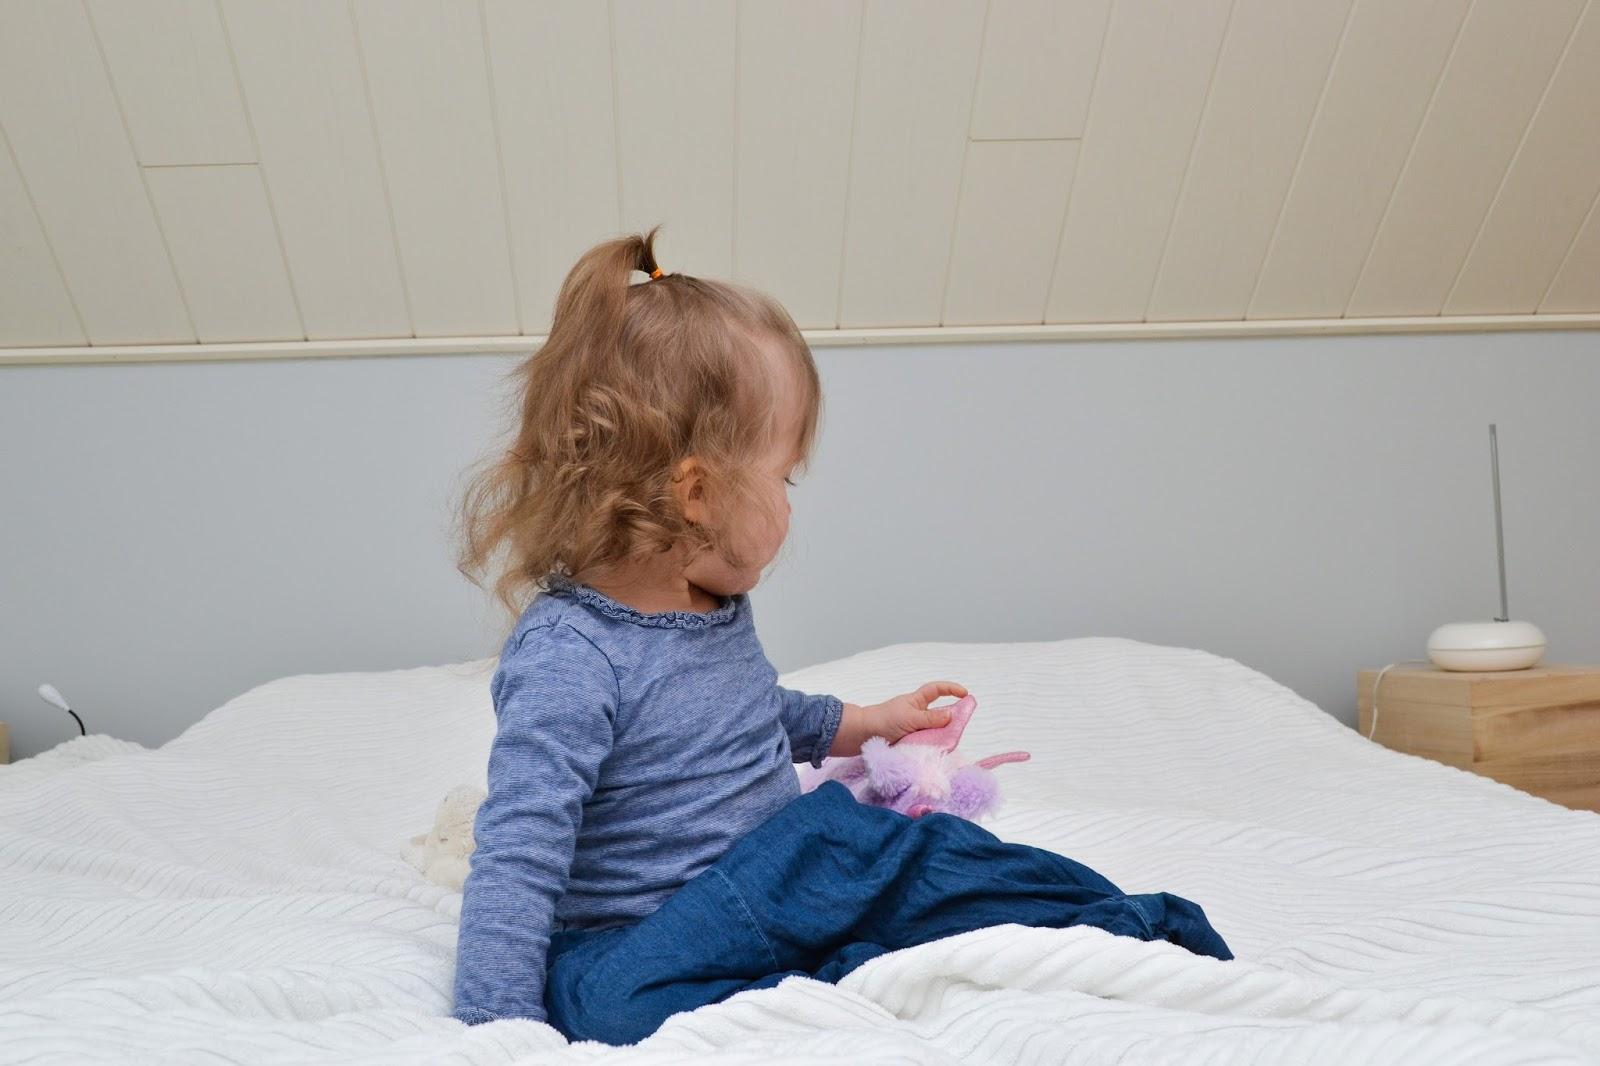 Saippuakuplia olohuoneessa -blogi, kuva Hanna Poikkilehto, taapero, puolitoista vuotias, lapsen kehitys, lapsi, perhe, makuuhuone, sänky, tyttö, vanerisänky, ikea